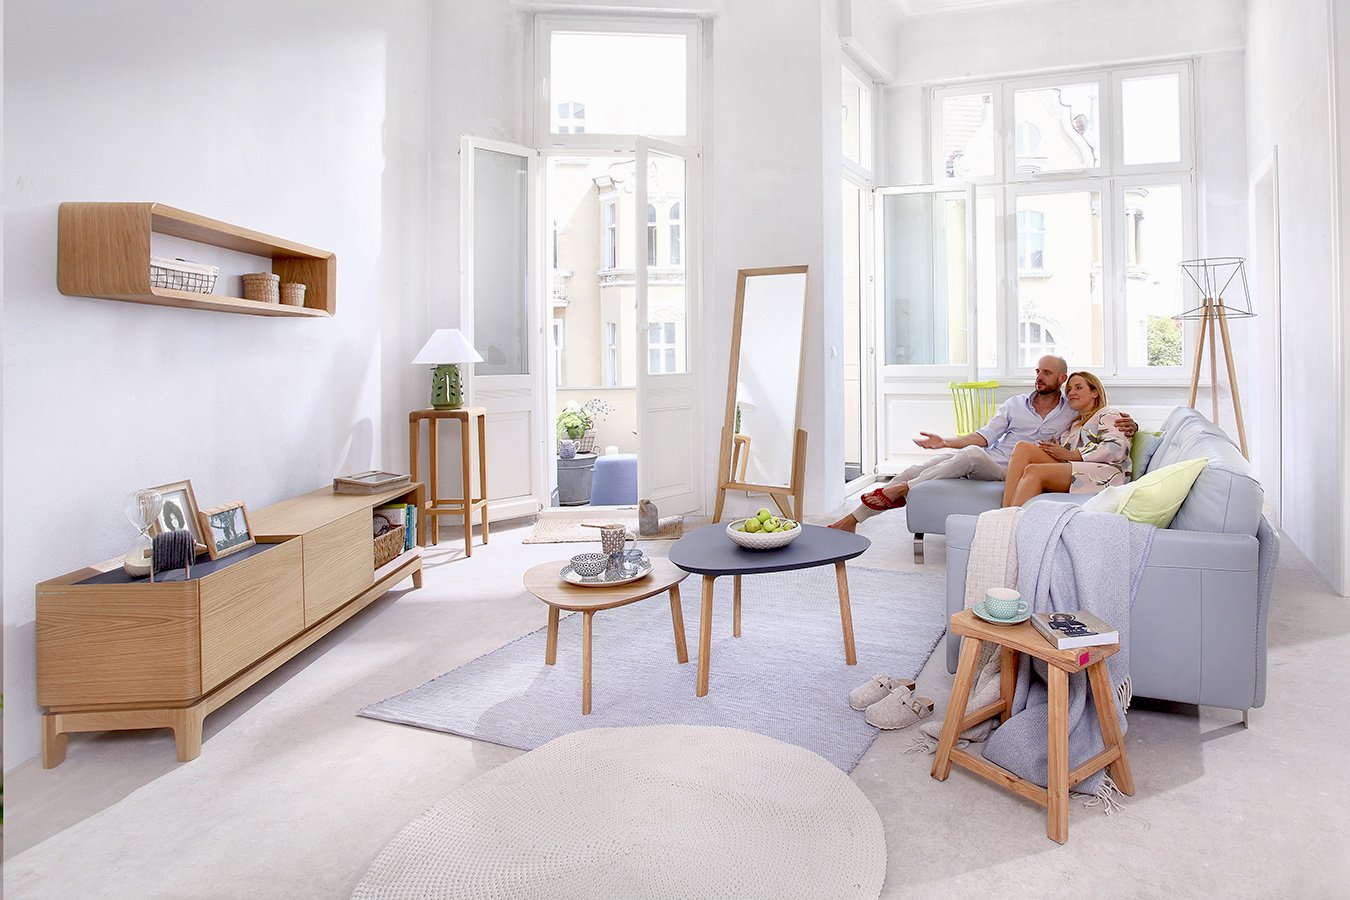 test3 Деревянная мебель Sisi (Swarzedz Home, Польша)